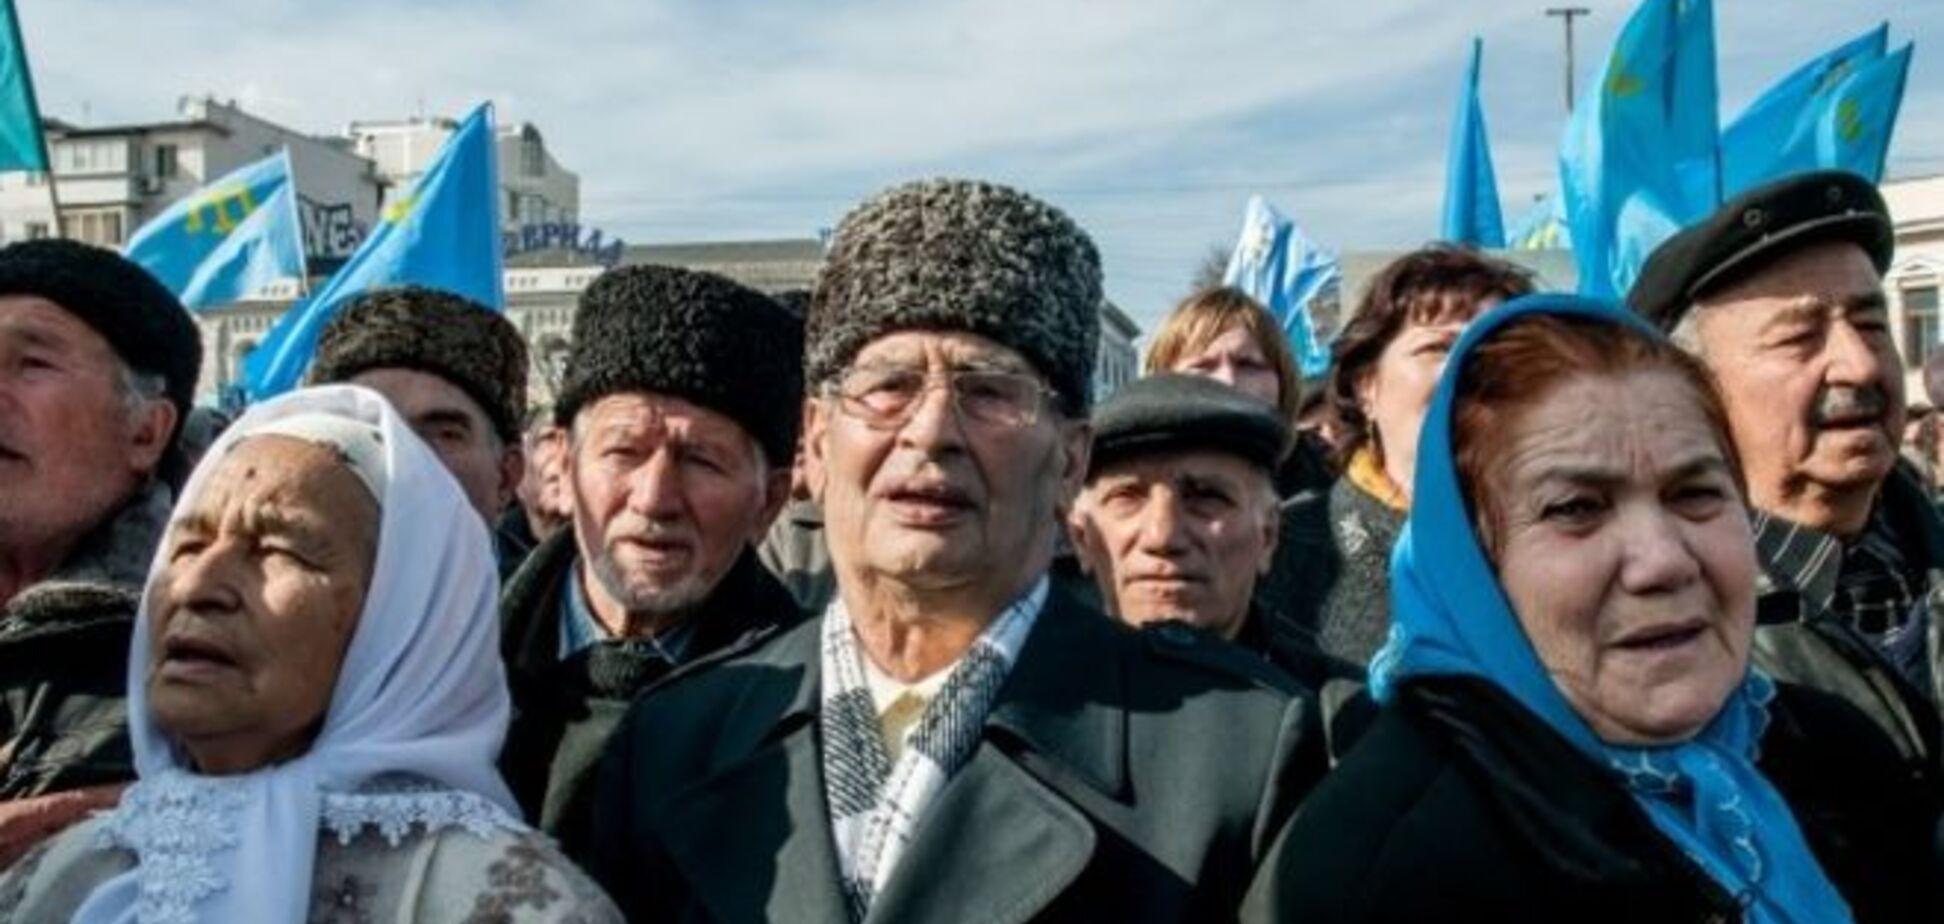 Аксьонов посилає кримських татар в Узбекистан за довідками про реабілітацію